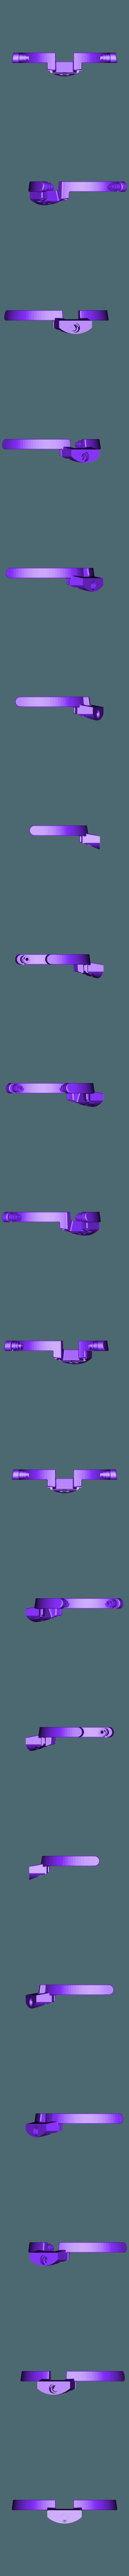 MDR_XB950BT_hinge.stl Télécharger fichier STL gratuit Charnière MDR XB950BT maintenant moins soudée • Plan pour imprimante 3D, Dsk